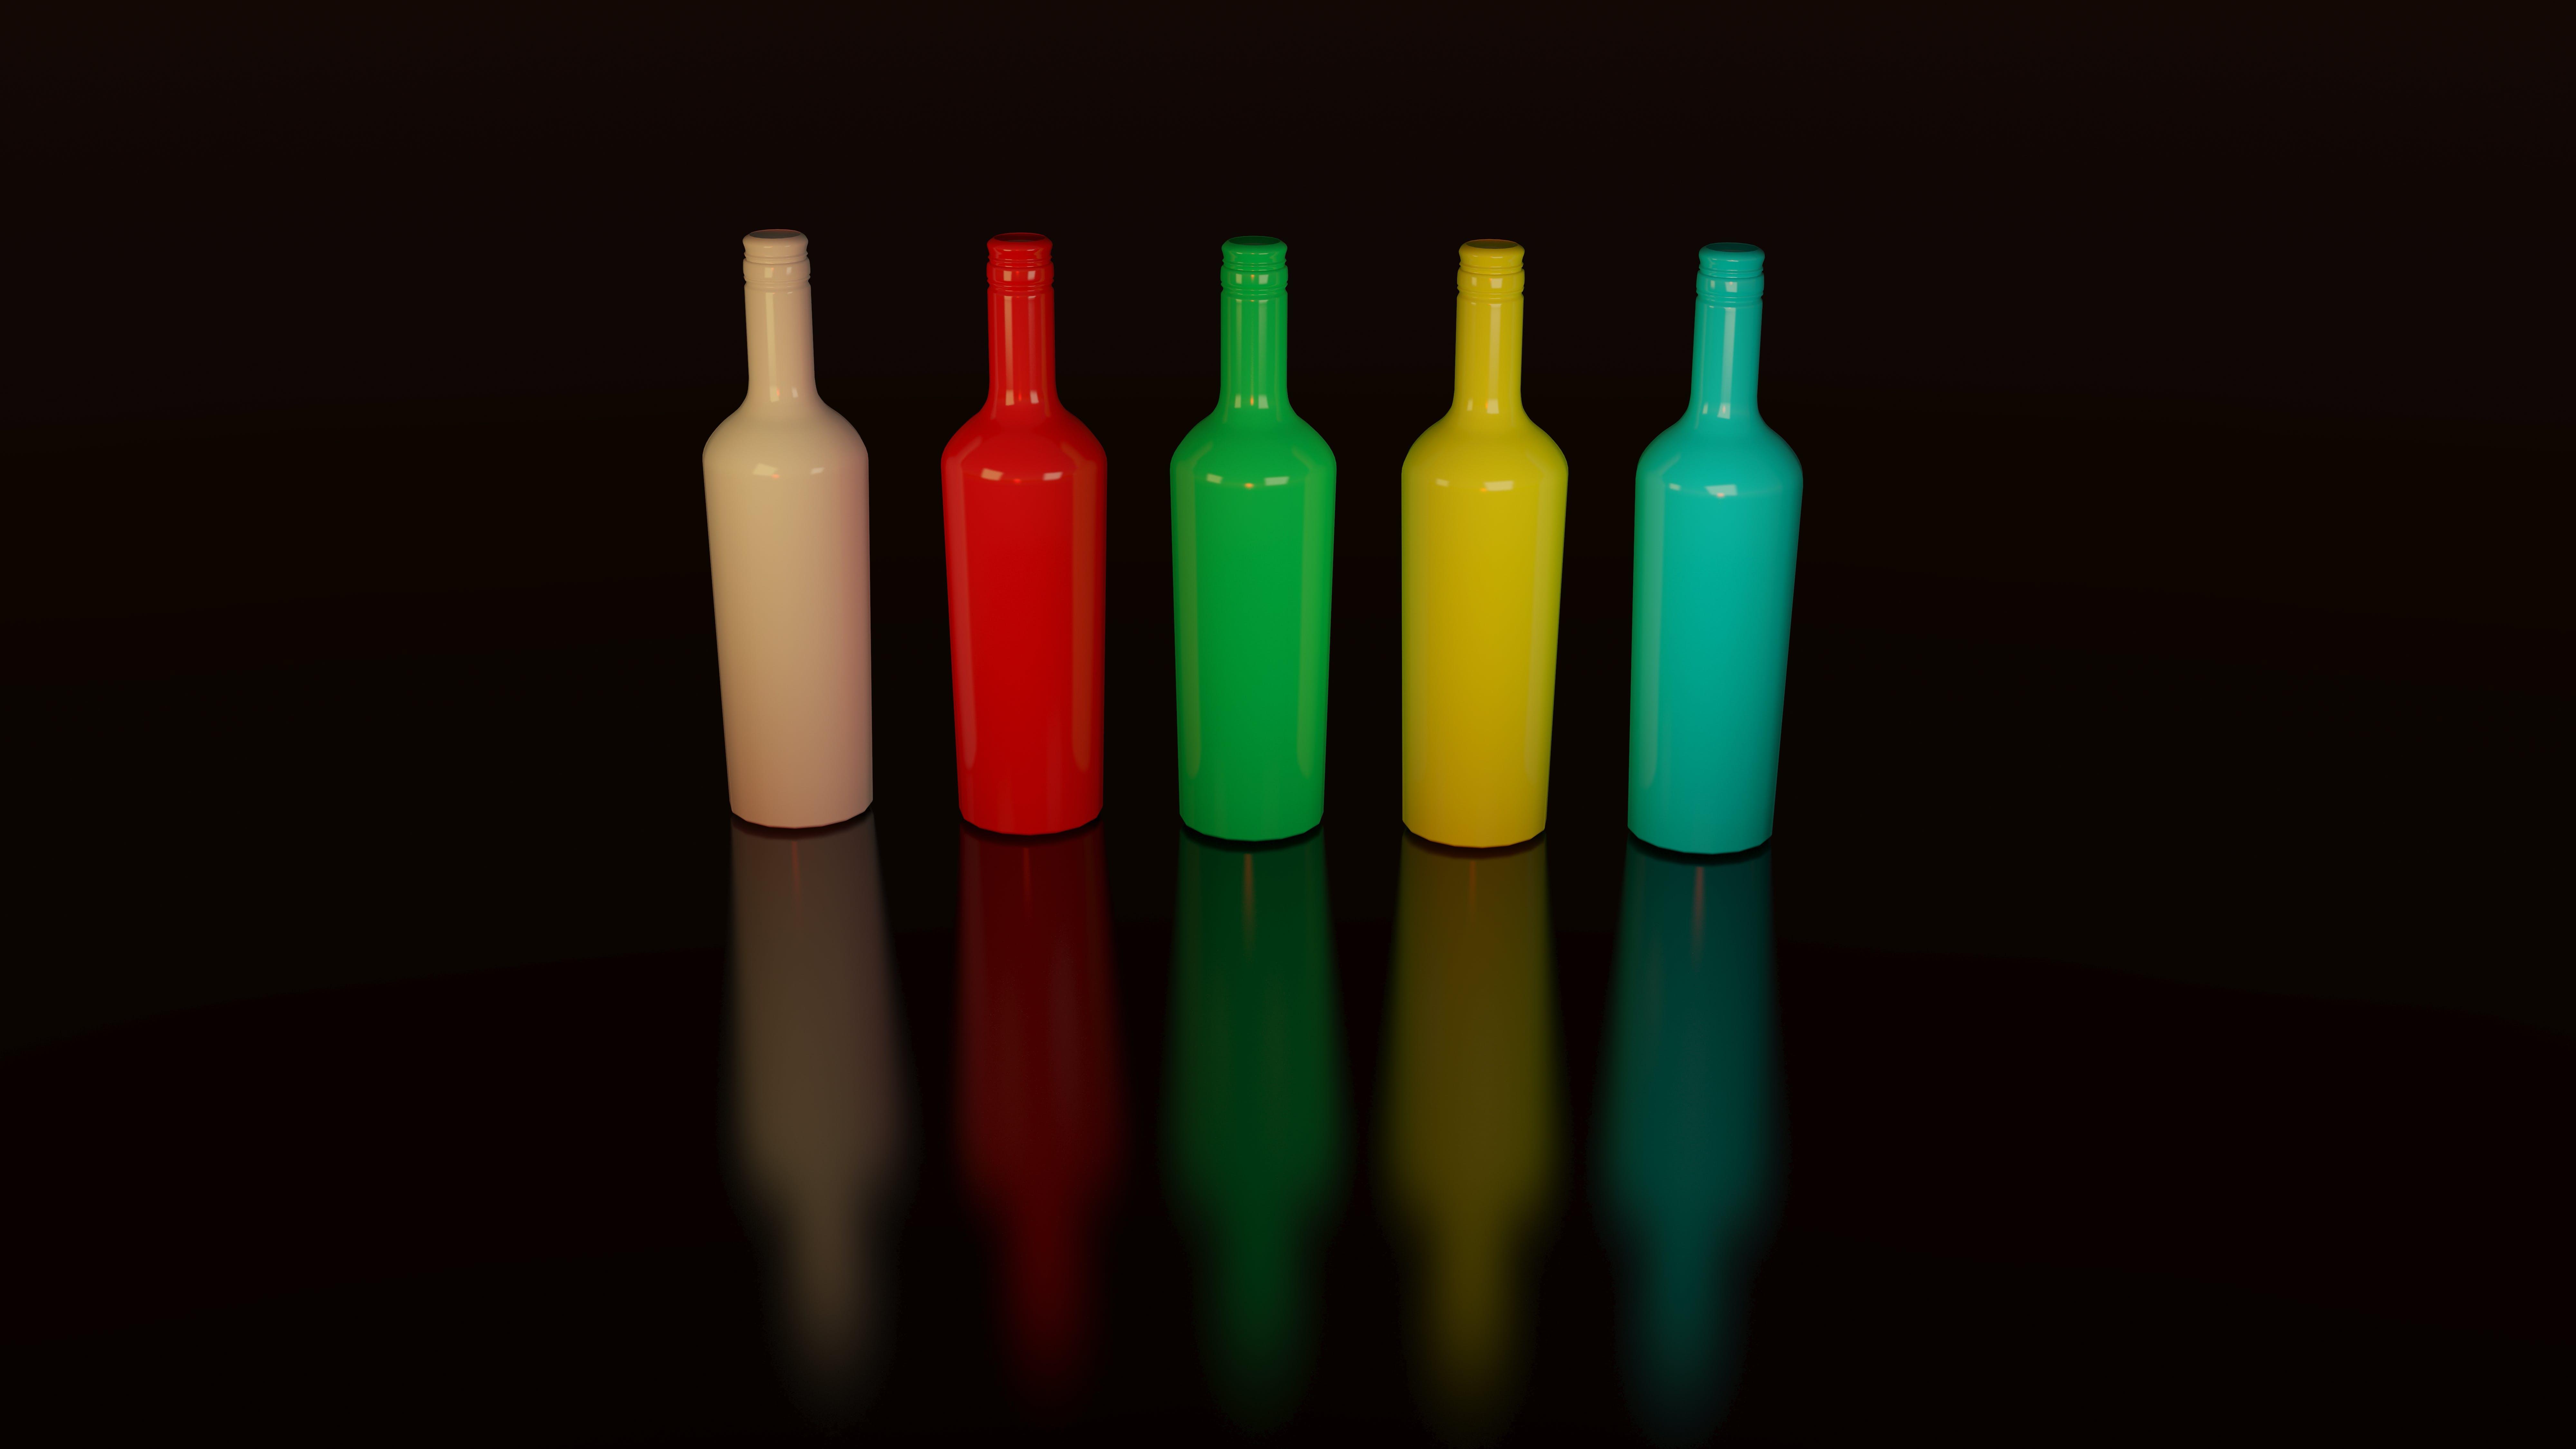 Five Bottles on Black Surface